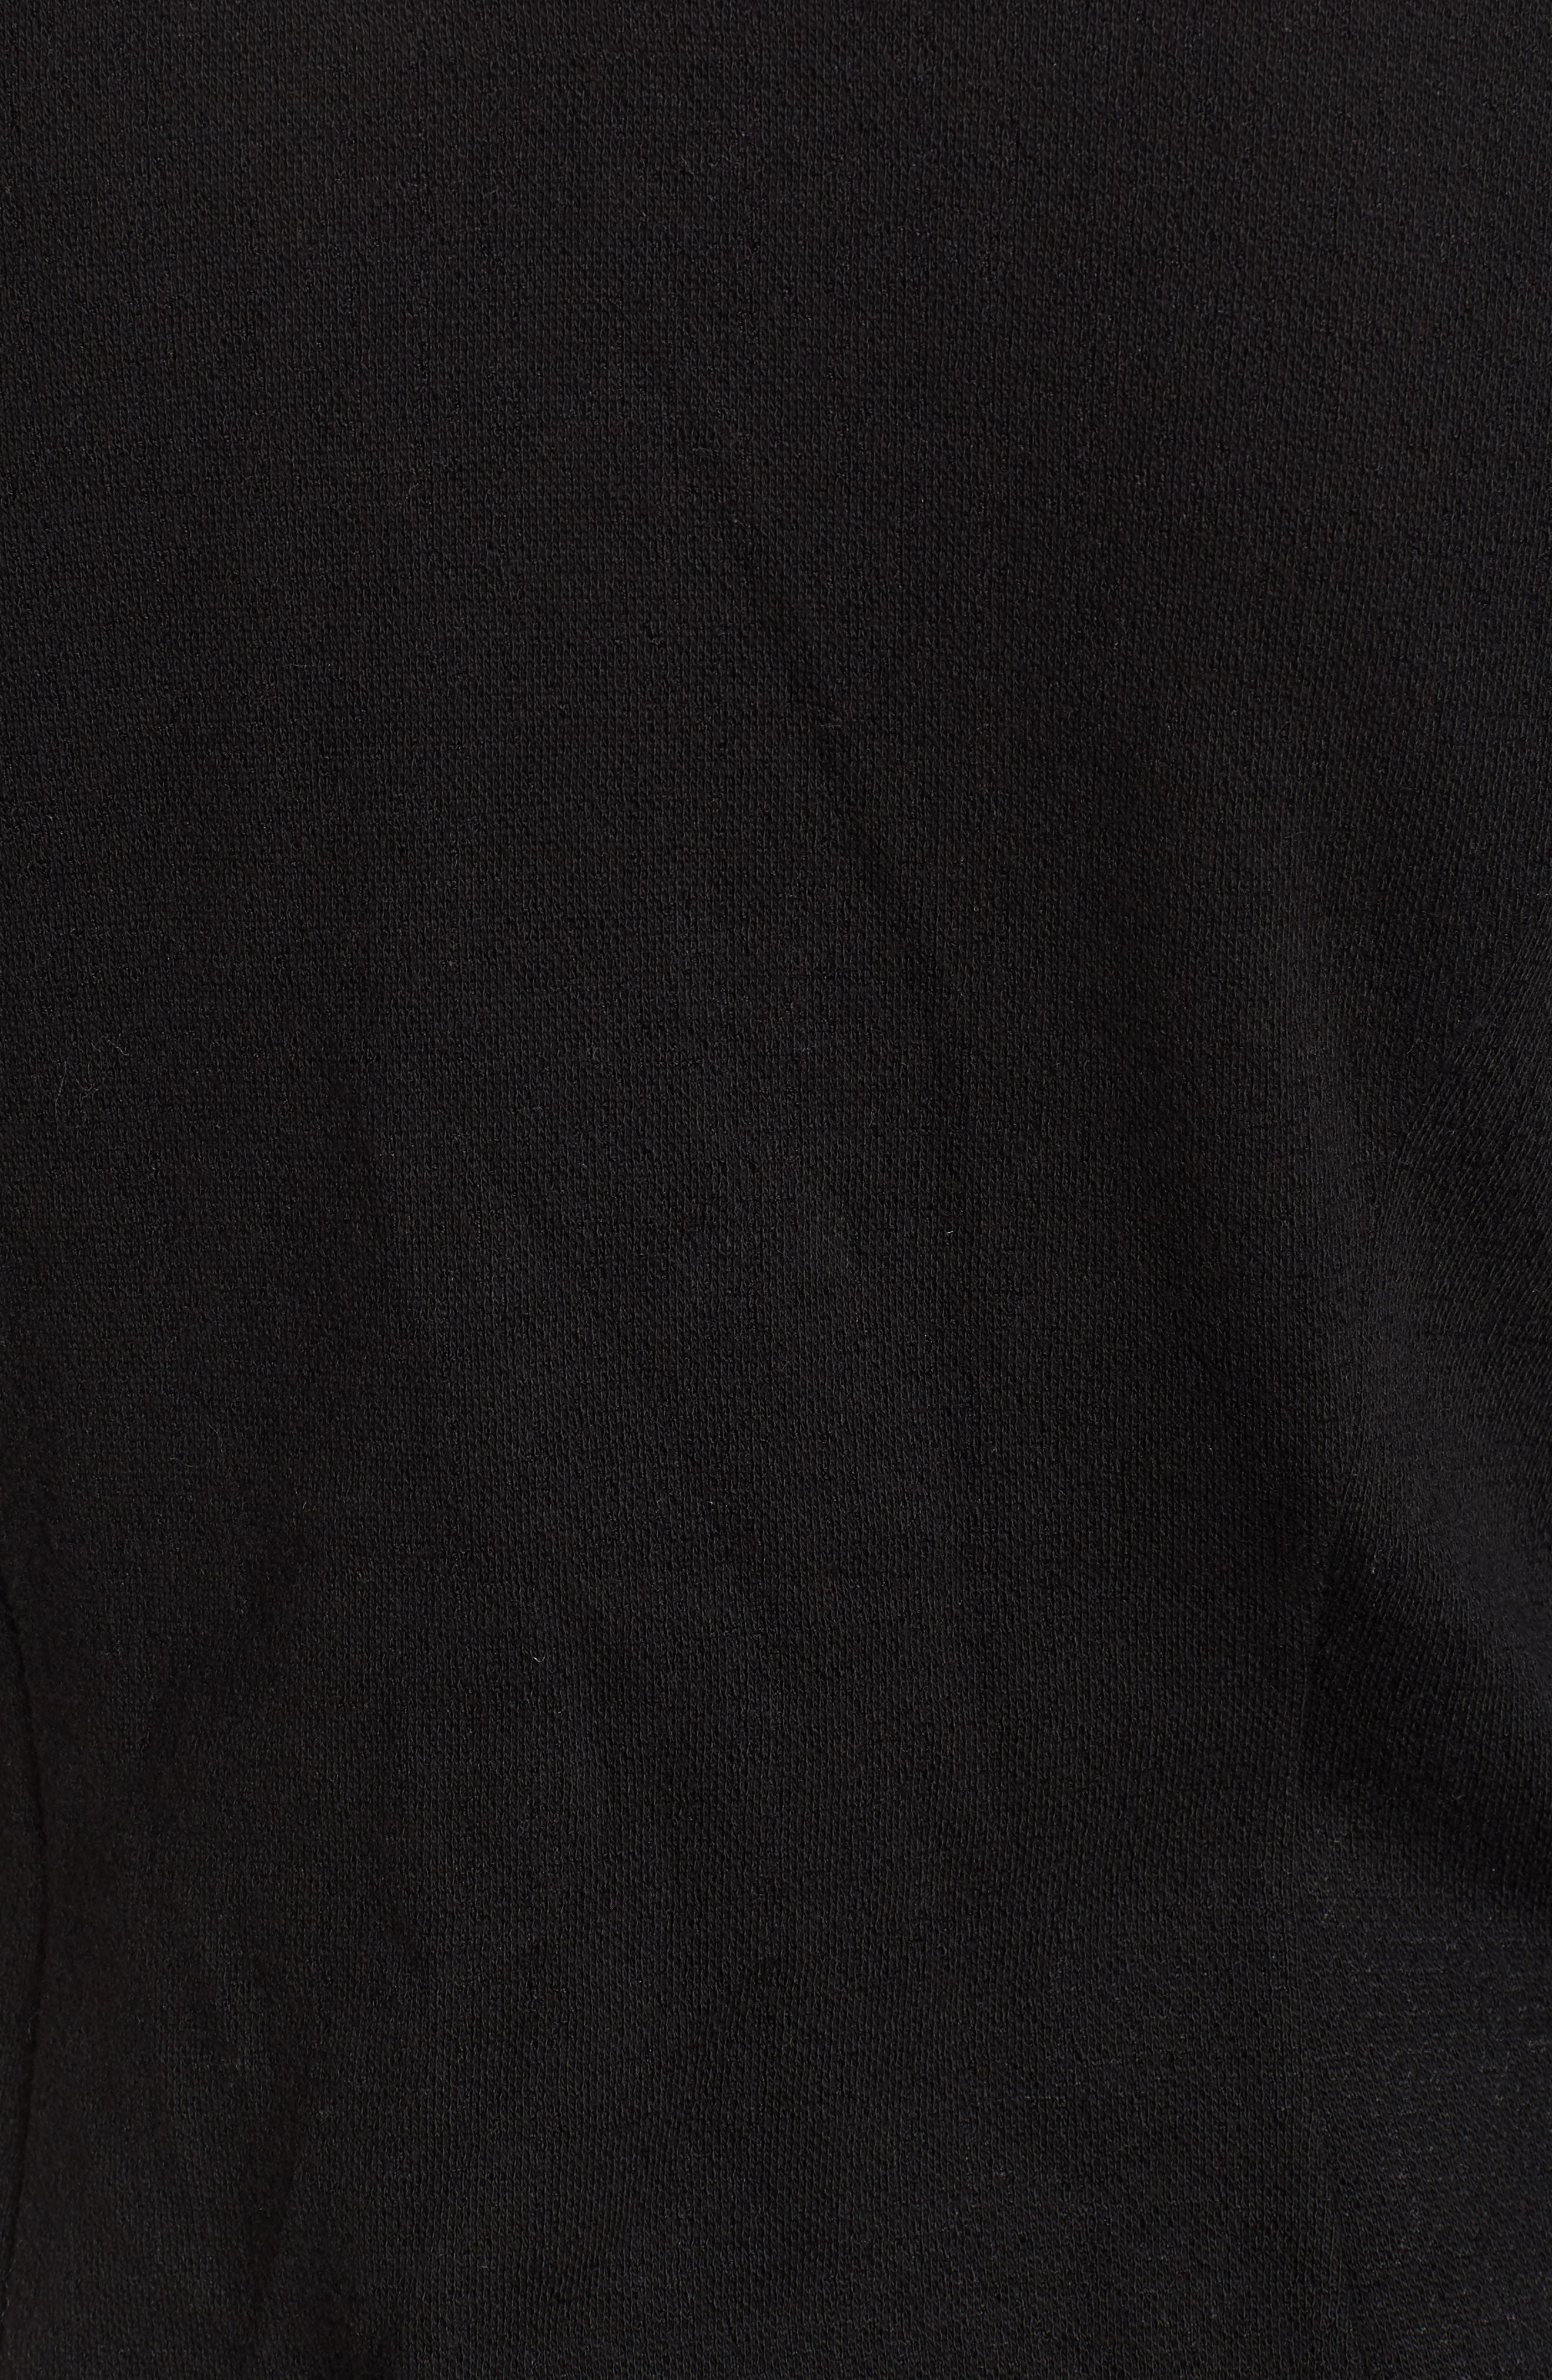 Sleek Jacket,                             Alternate thumbnail 7, color,                             BLACK ONYX